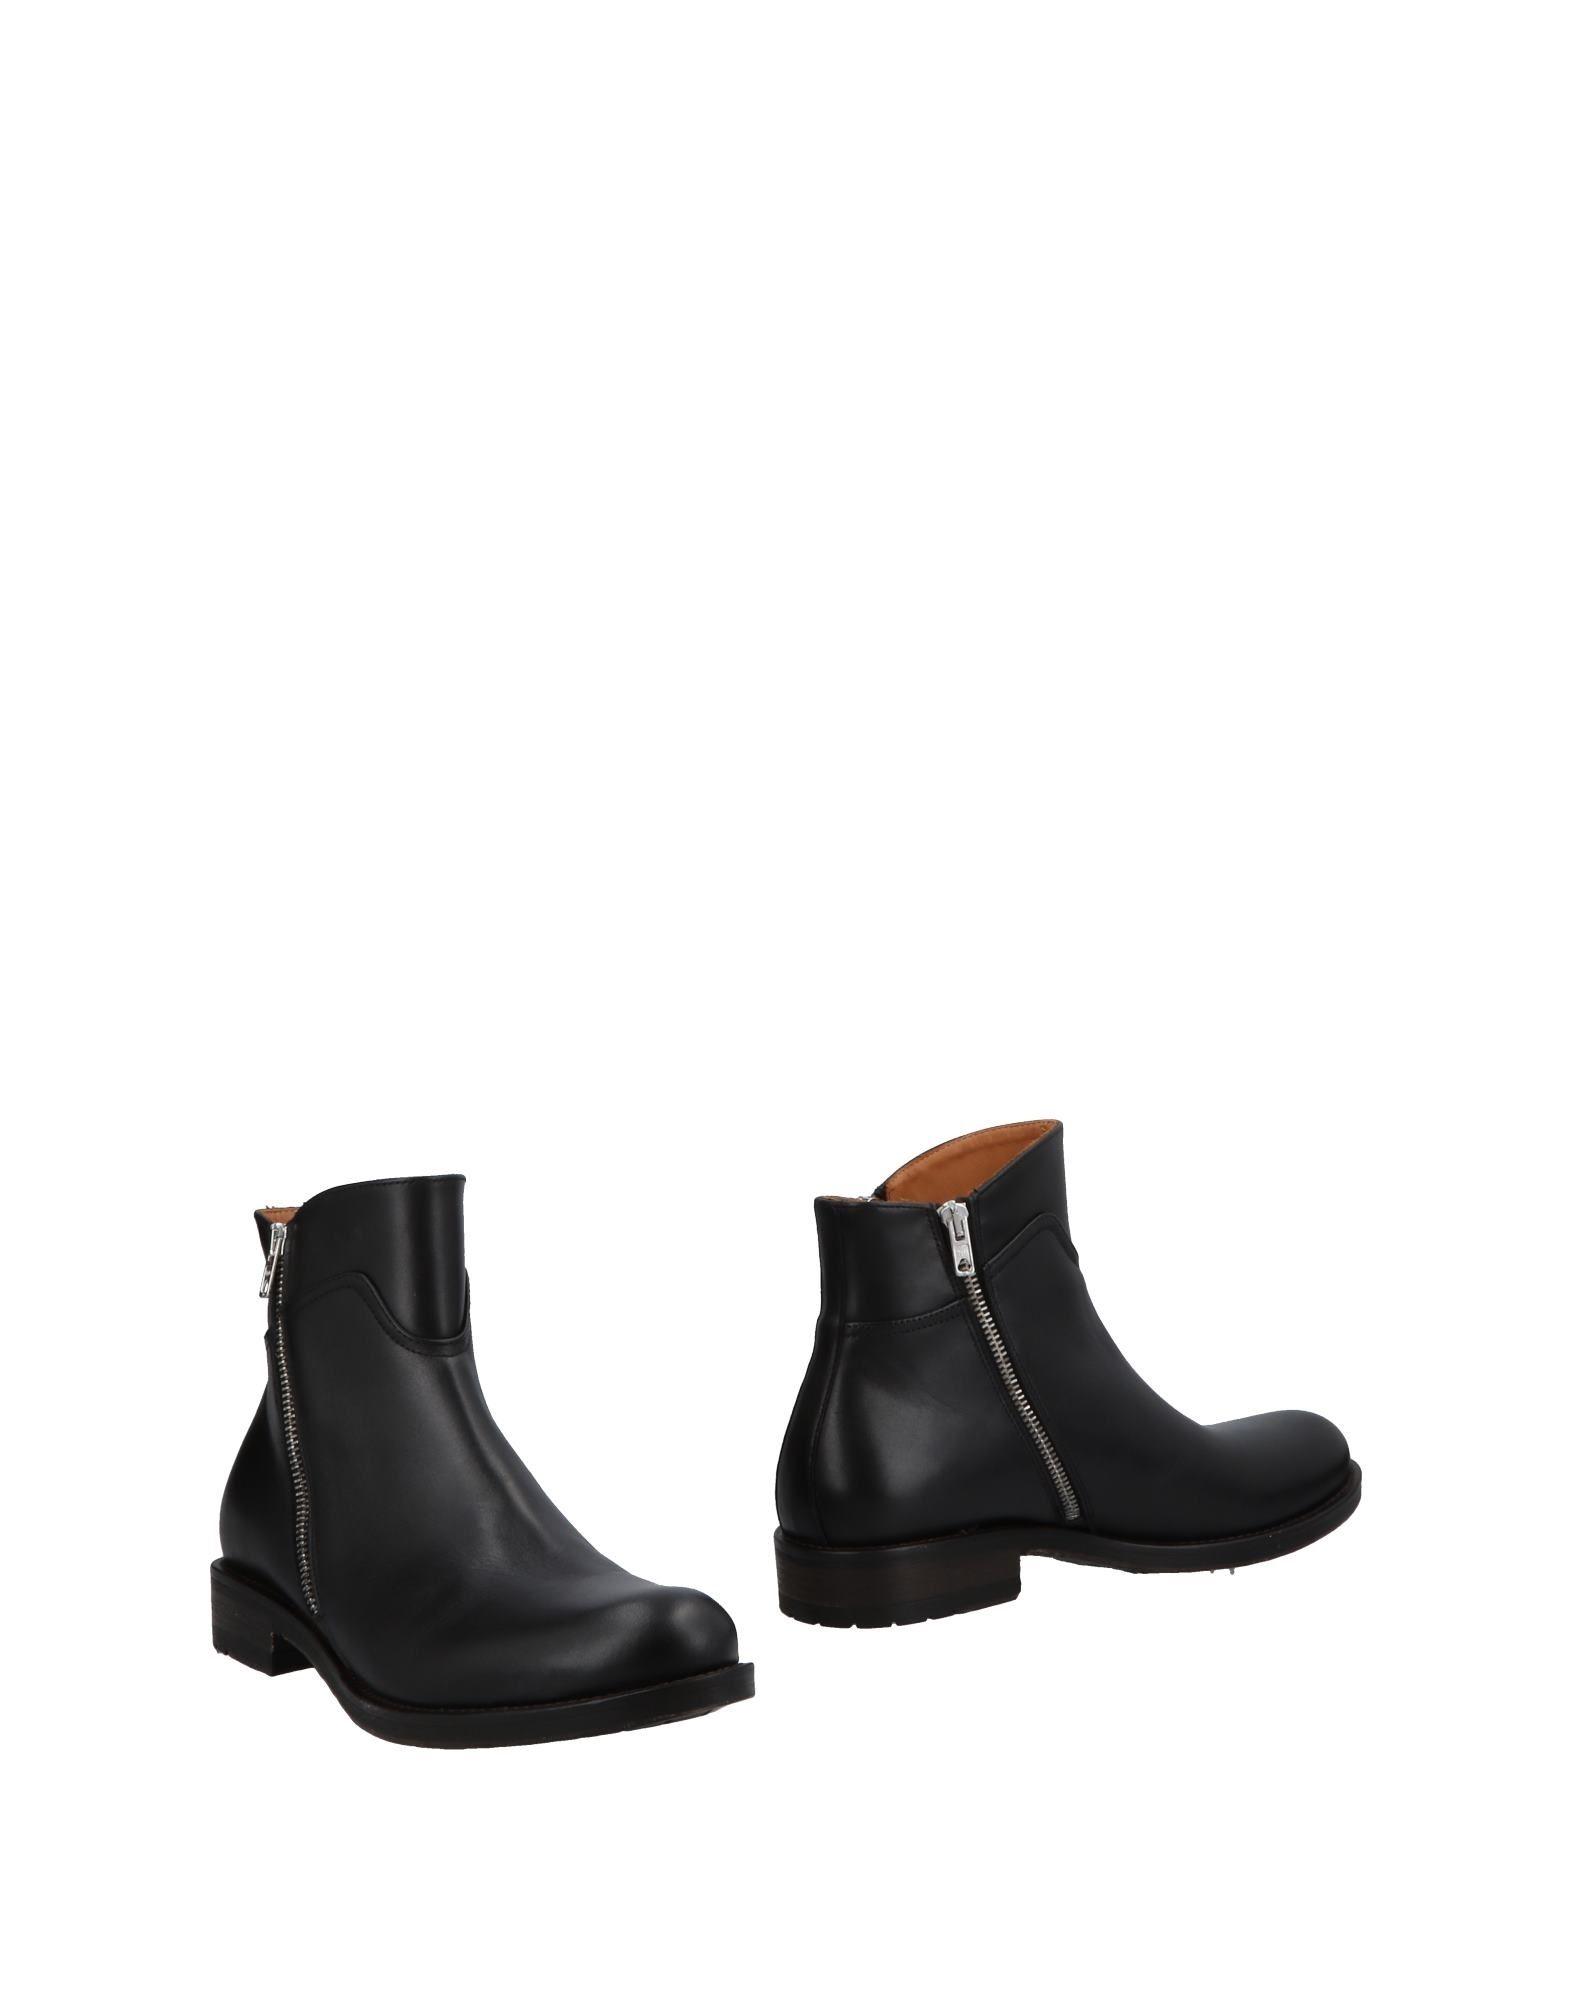 Le Bohémien Stiefelette Herren  11485275AK Gute Qualität beliebte Schuhe